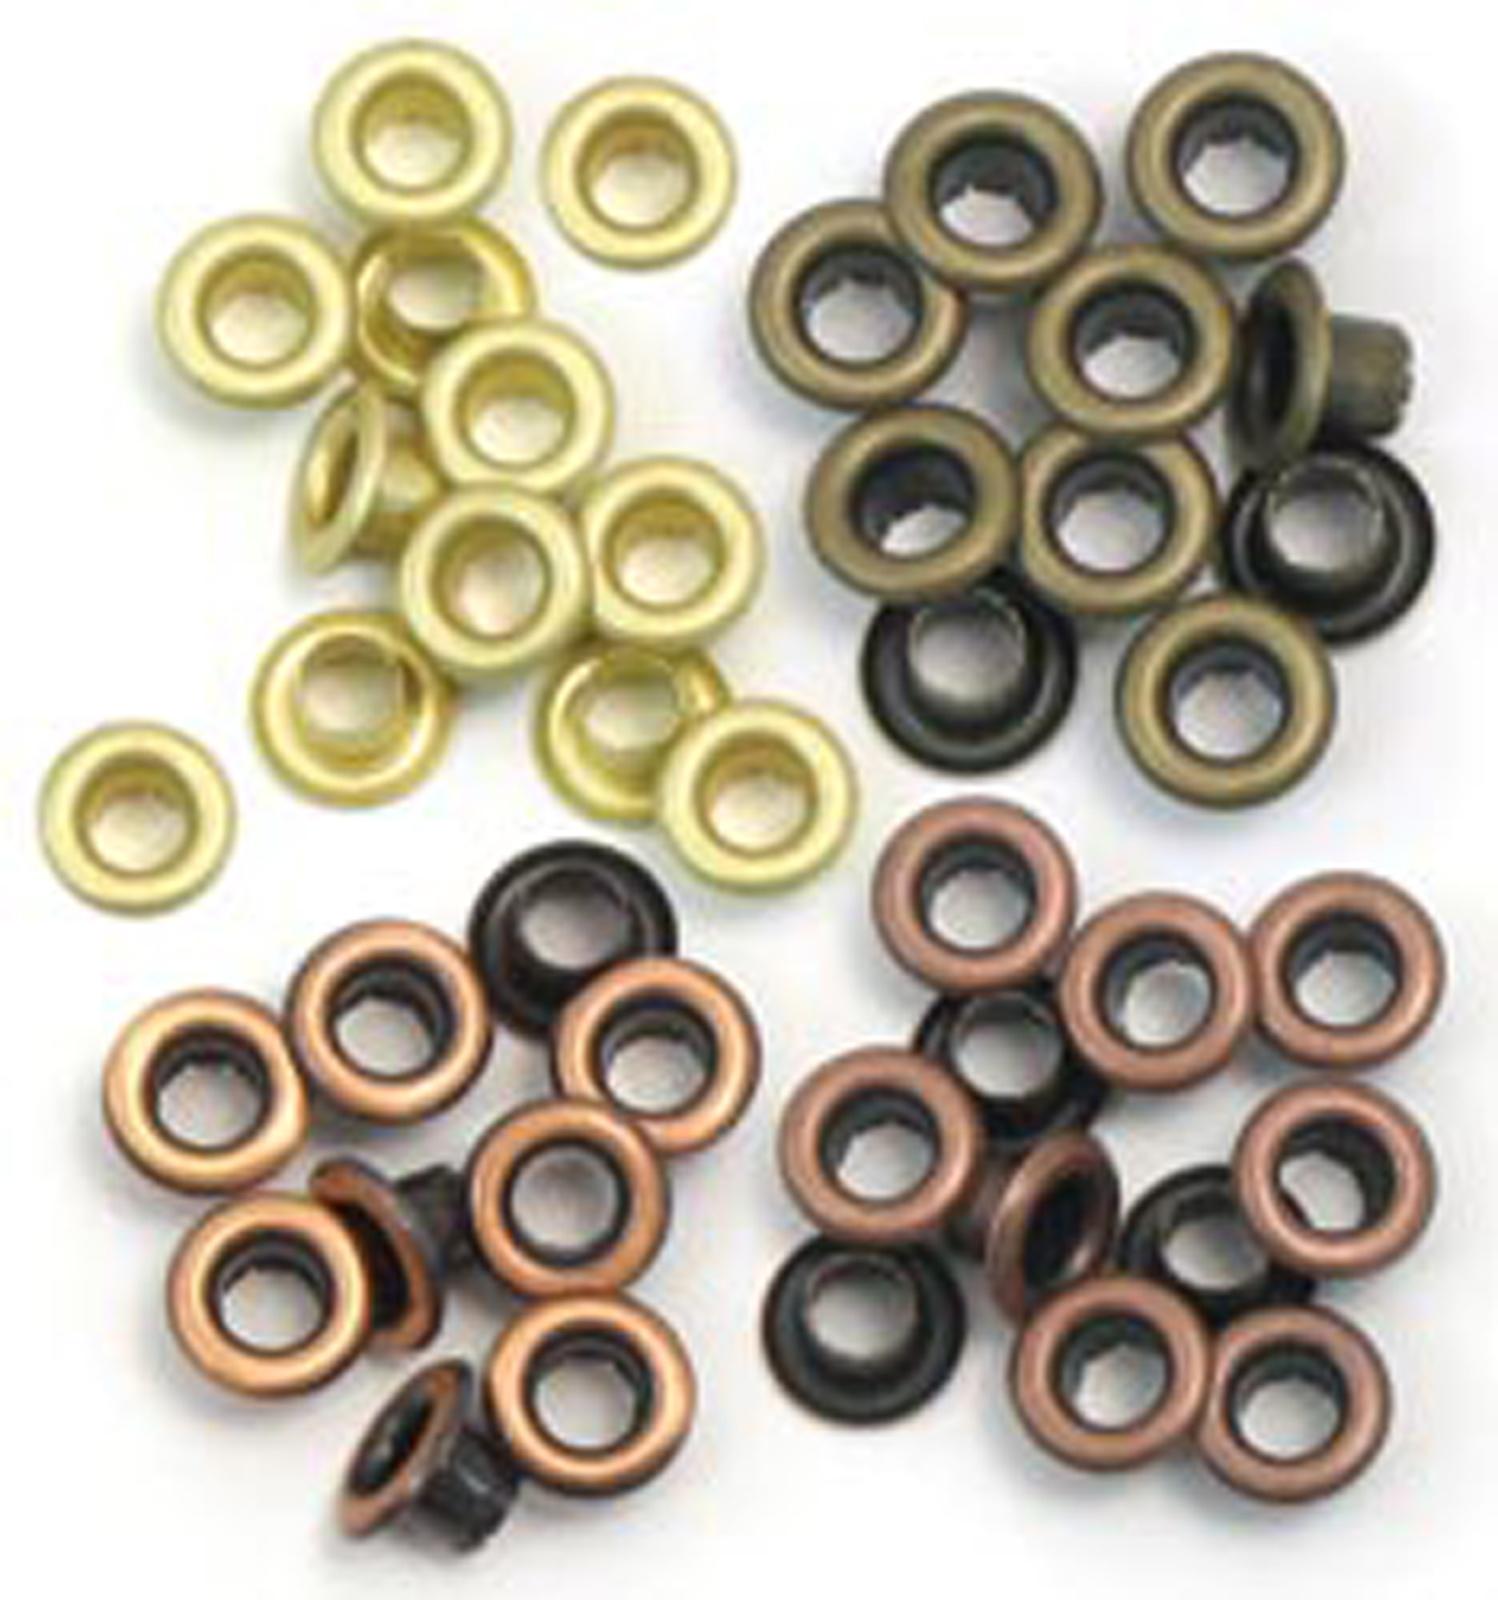 We R Memory Keepers Warm Metal Crop-A-Dile Standard Eyelet 41583-1